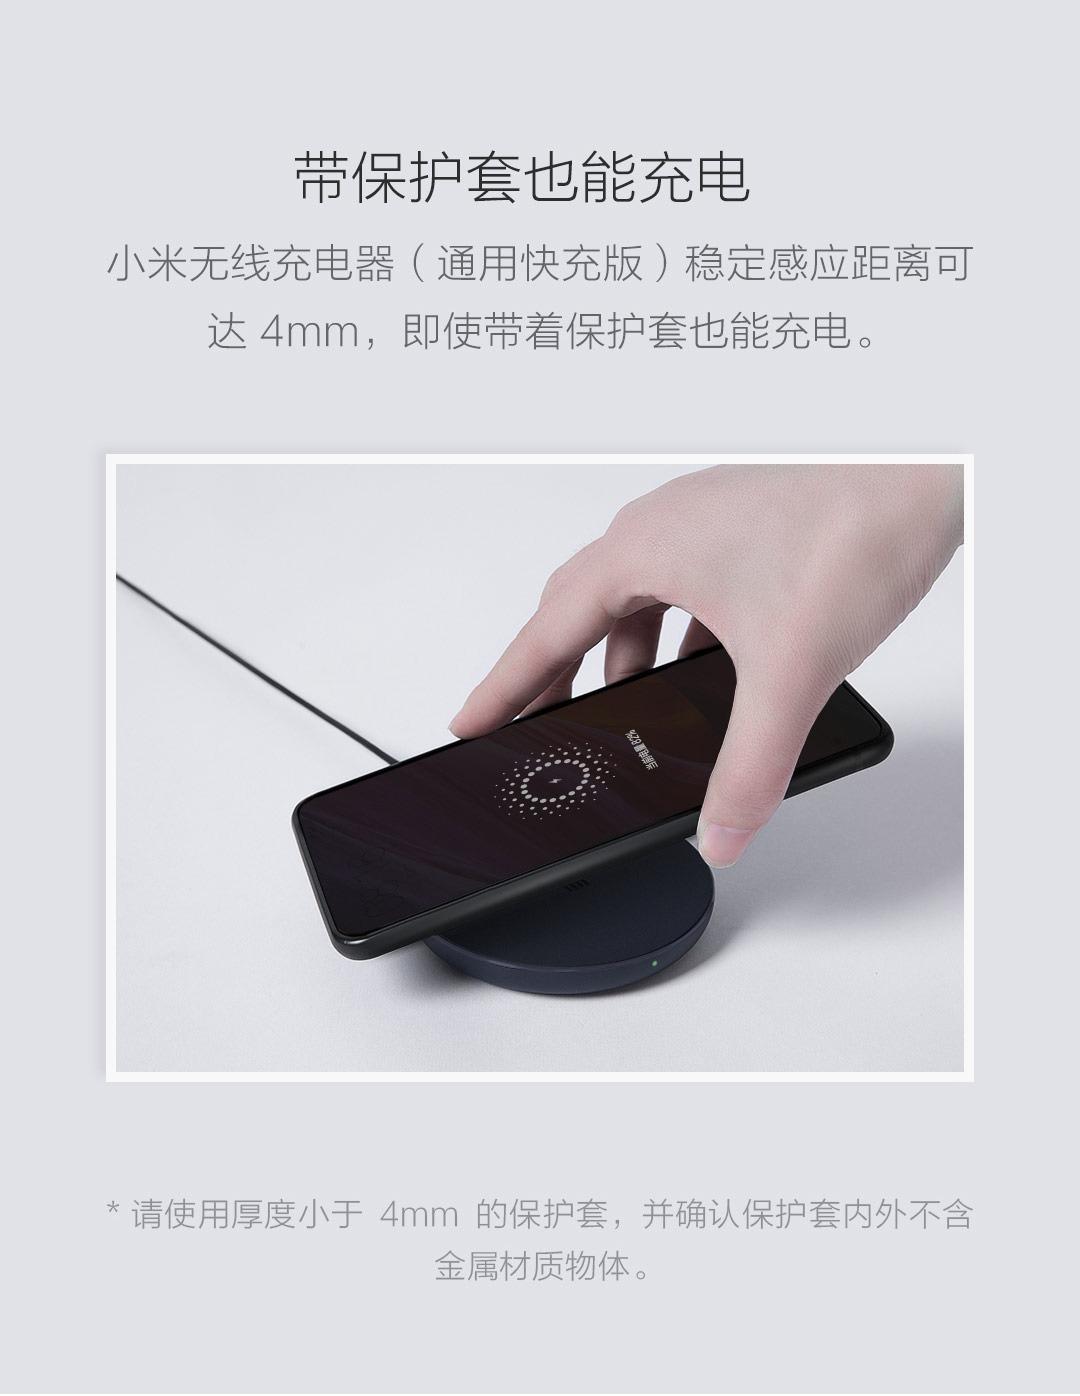 小米无线充电器